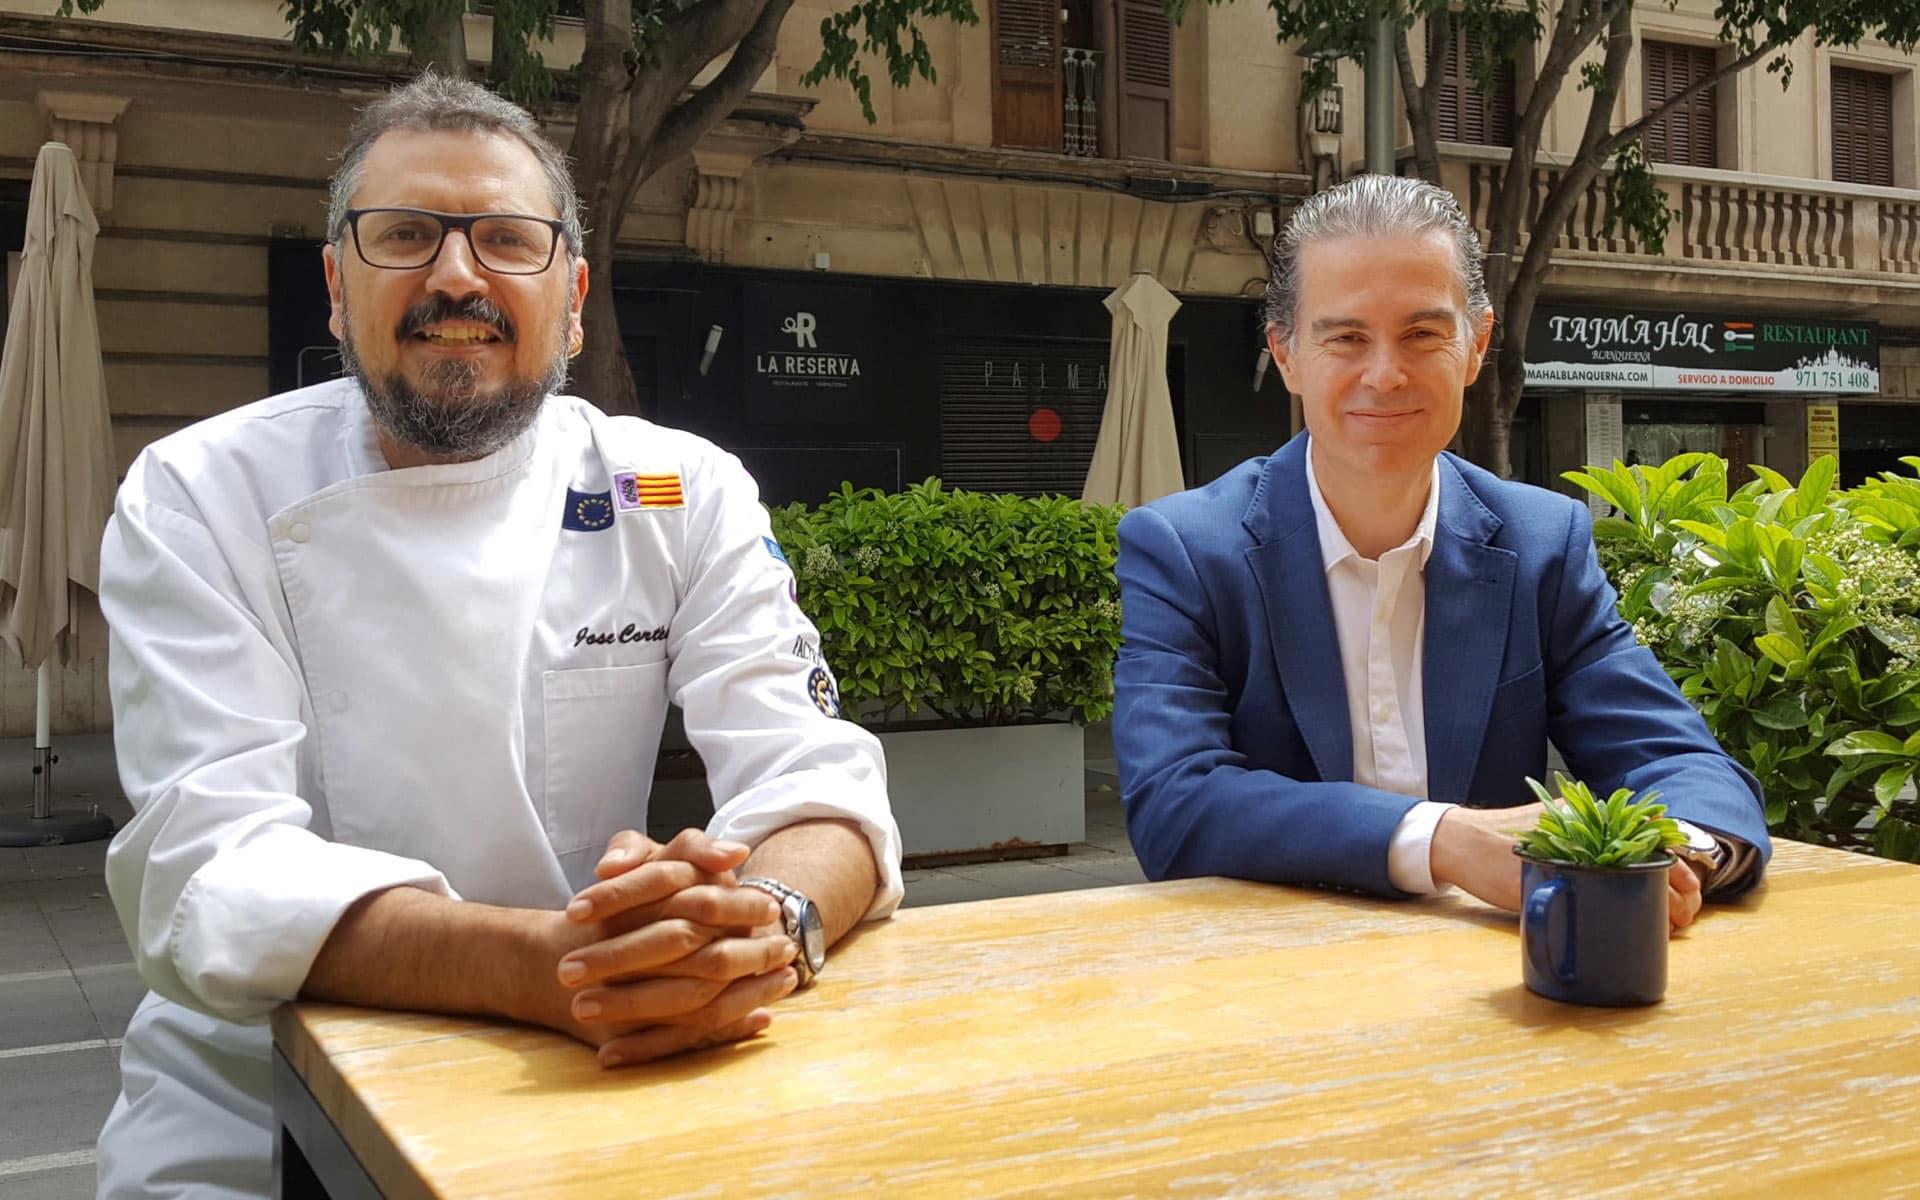 Entrevista a José Cortés García, chef ejecutivo Diablito y presidente de ASCAIB